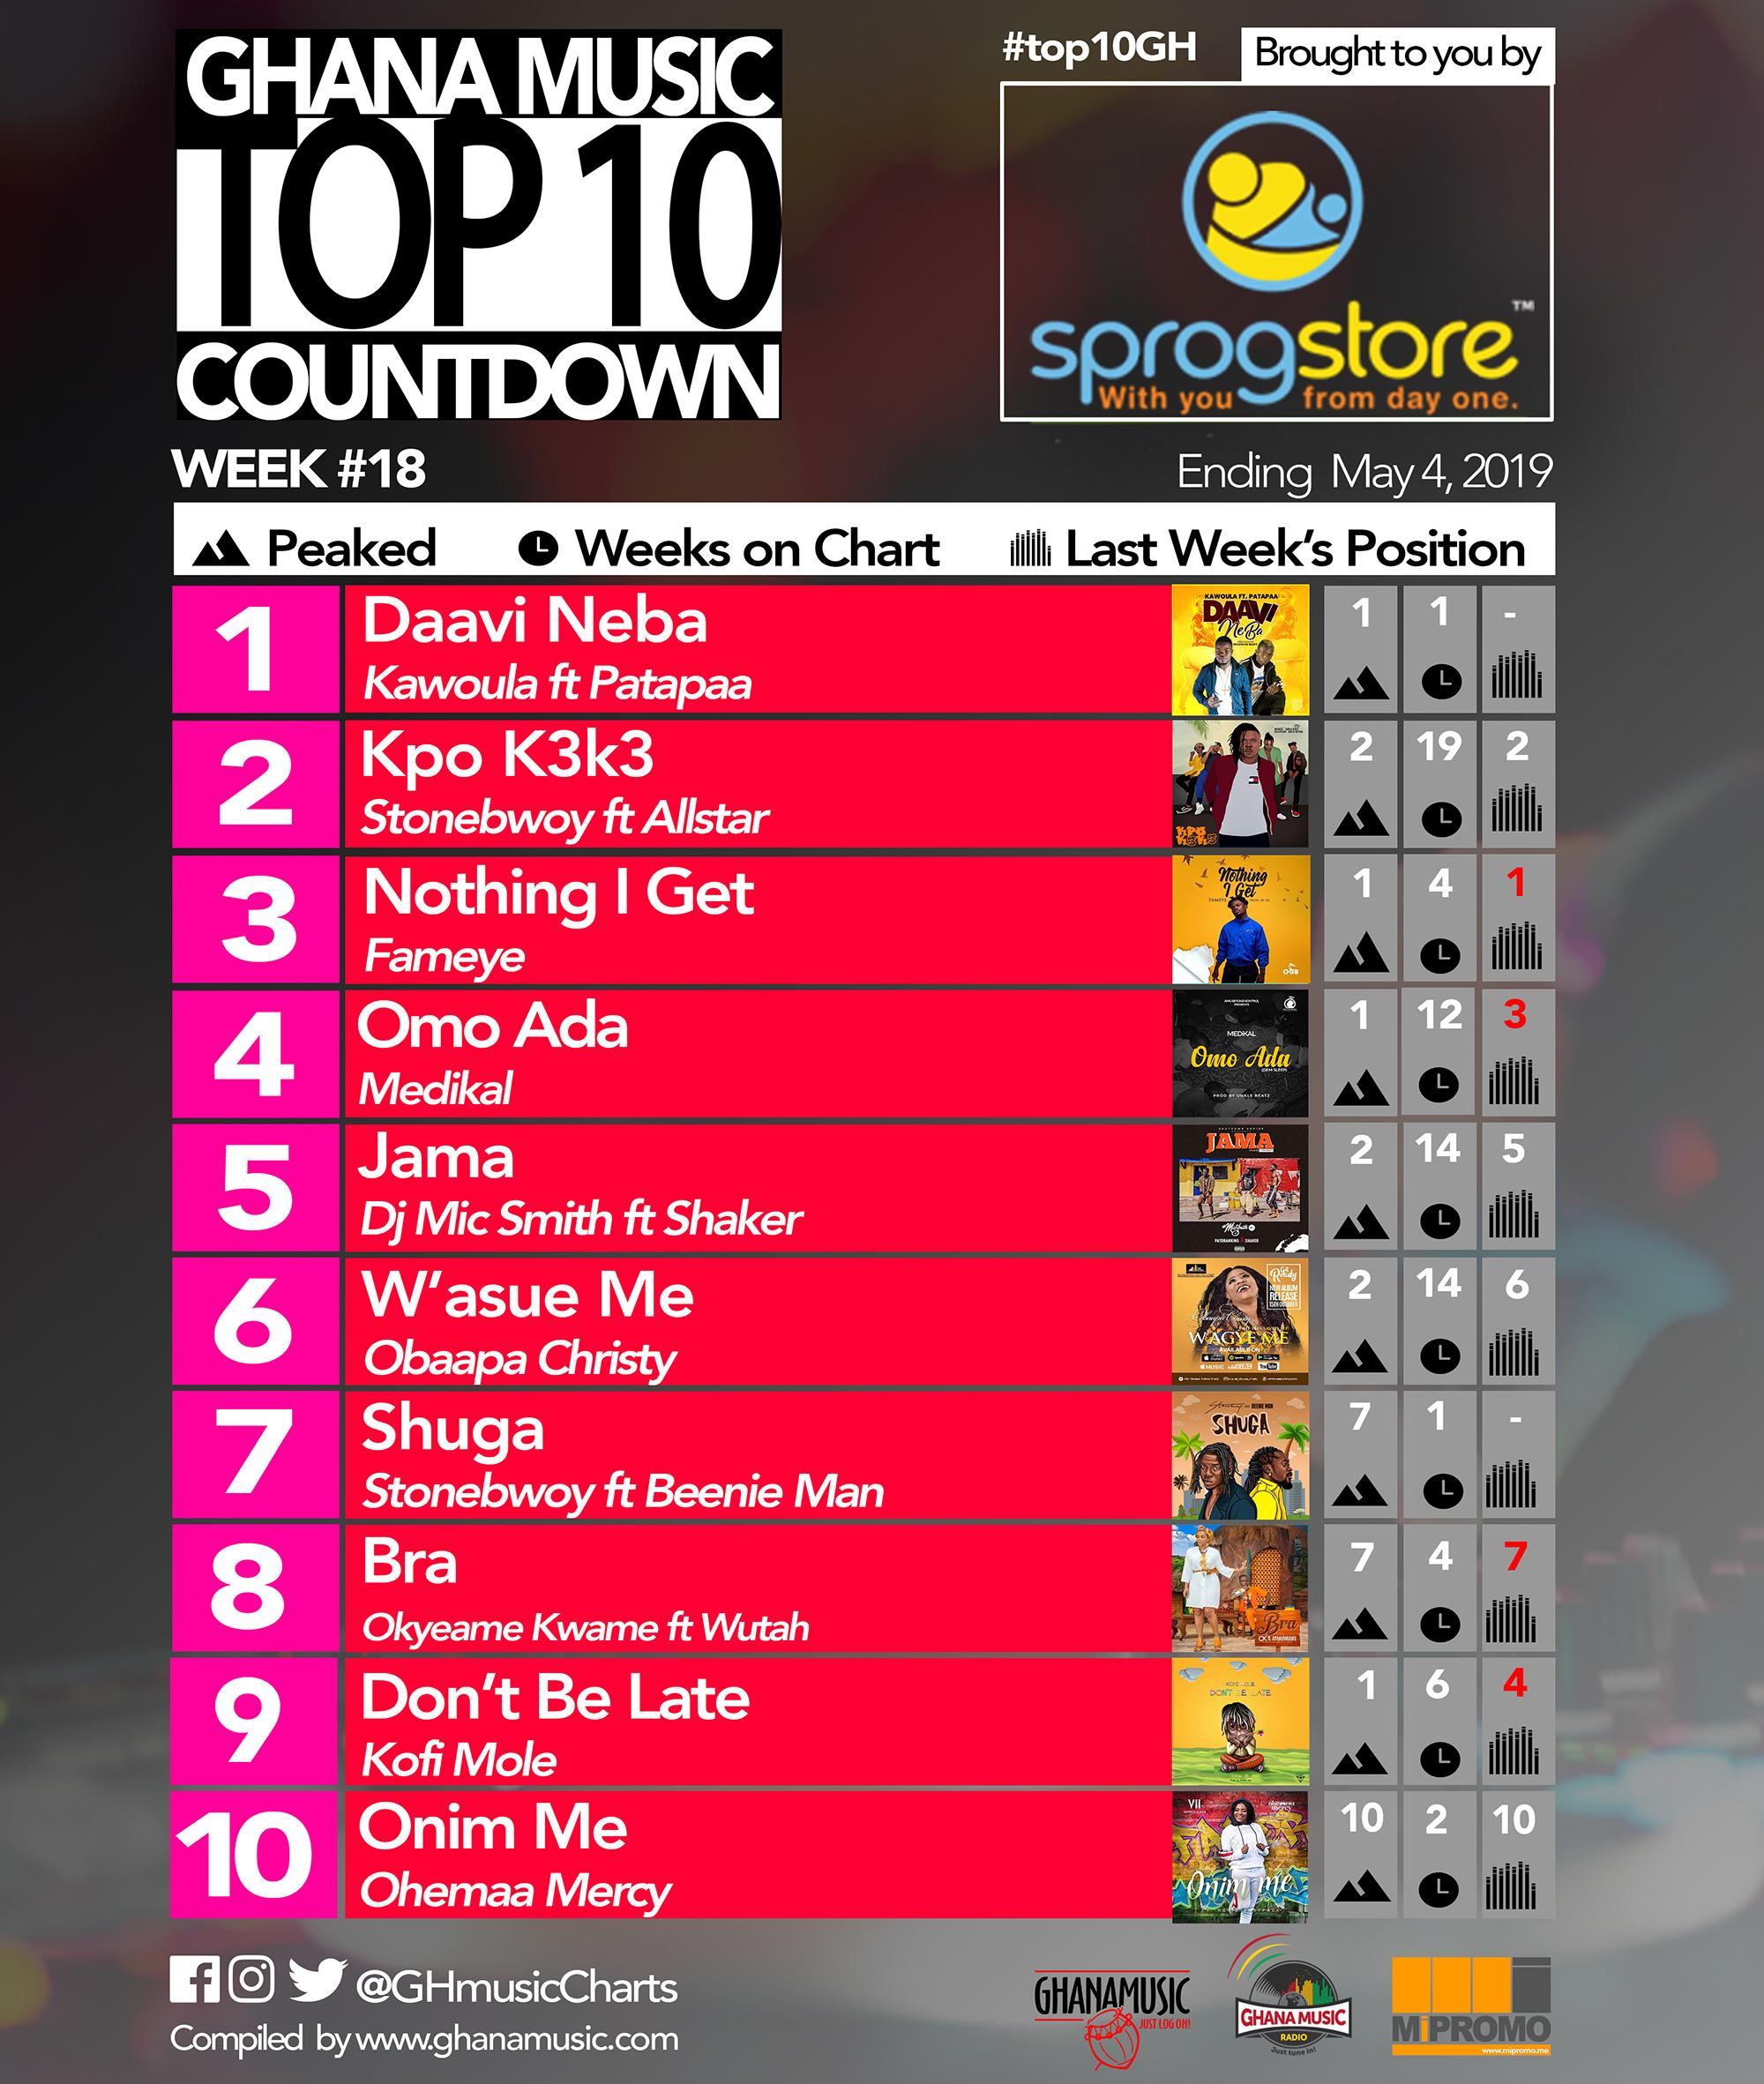 Week 18: Ghana Music Top 10 Countdown